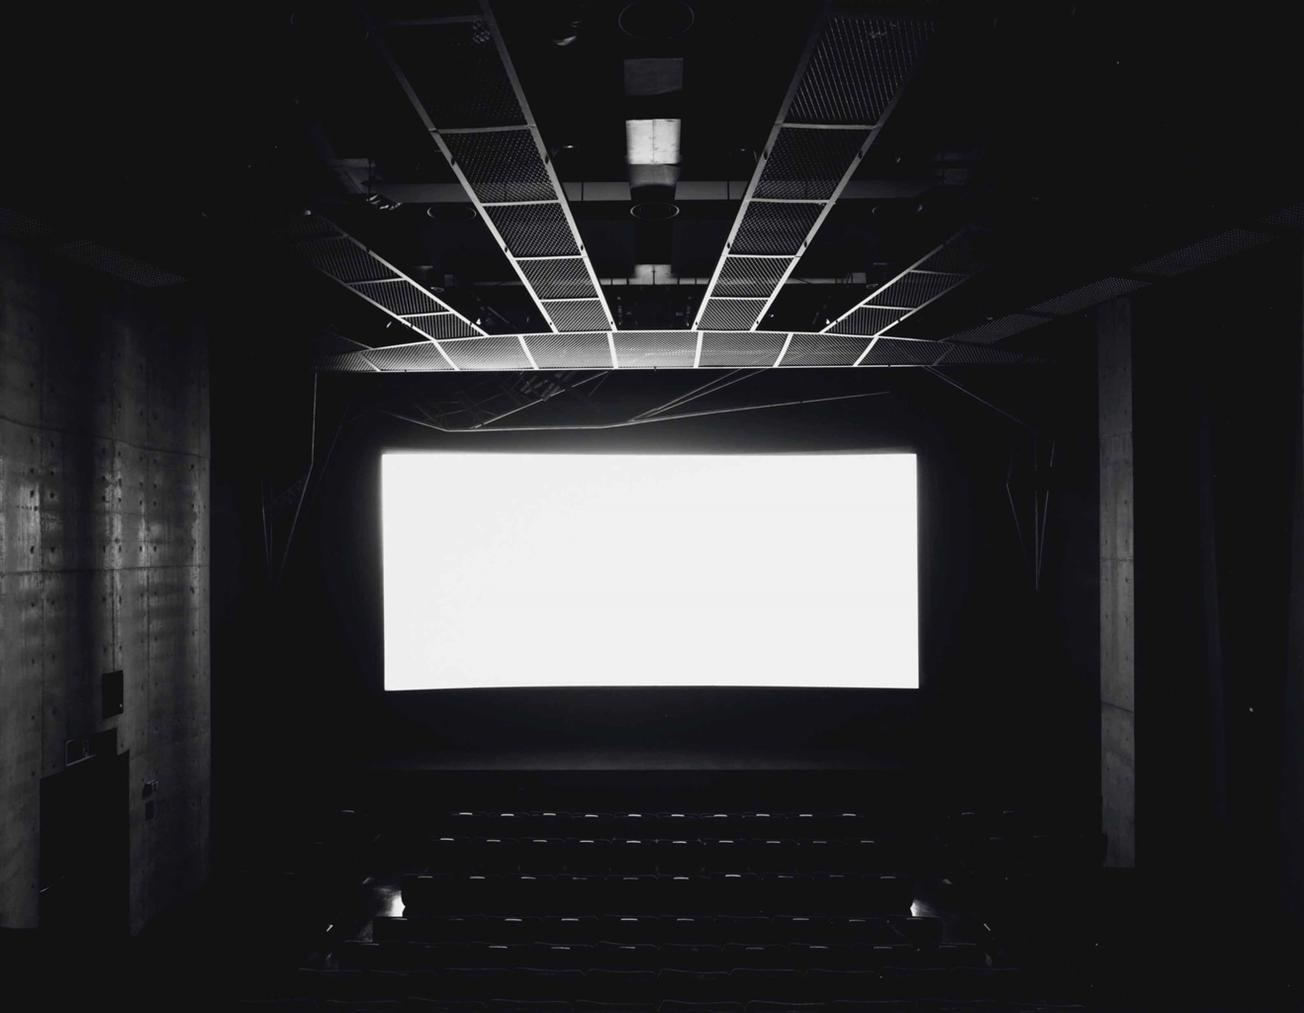 Hiroshi Sugimoto-Cinema Rise, Tokyo-1996